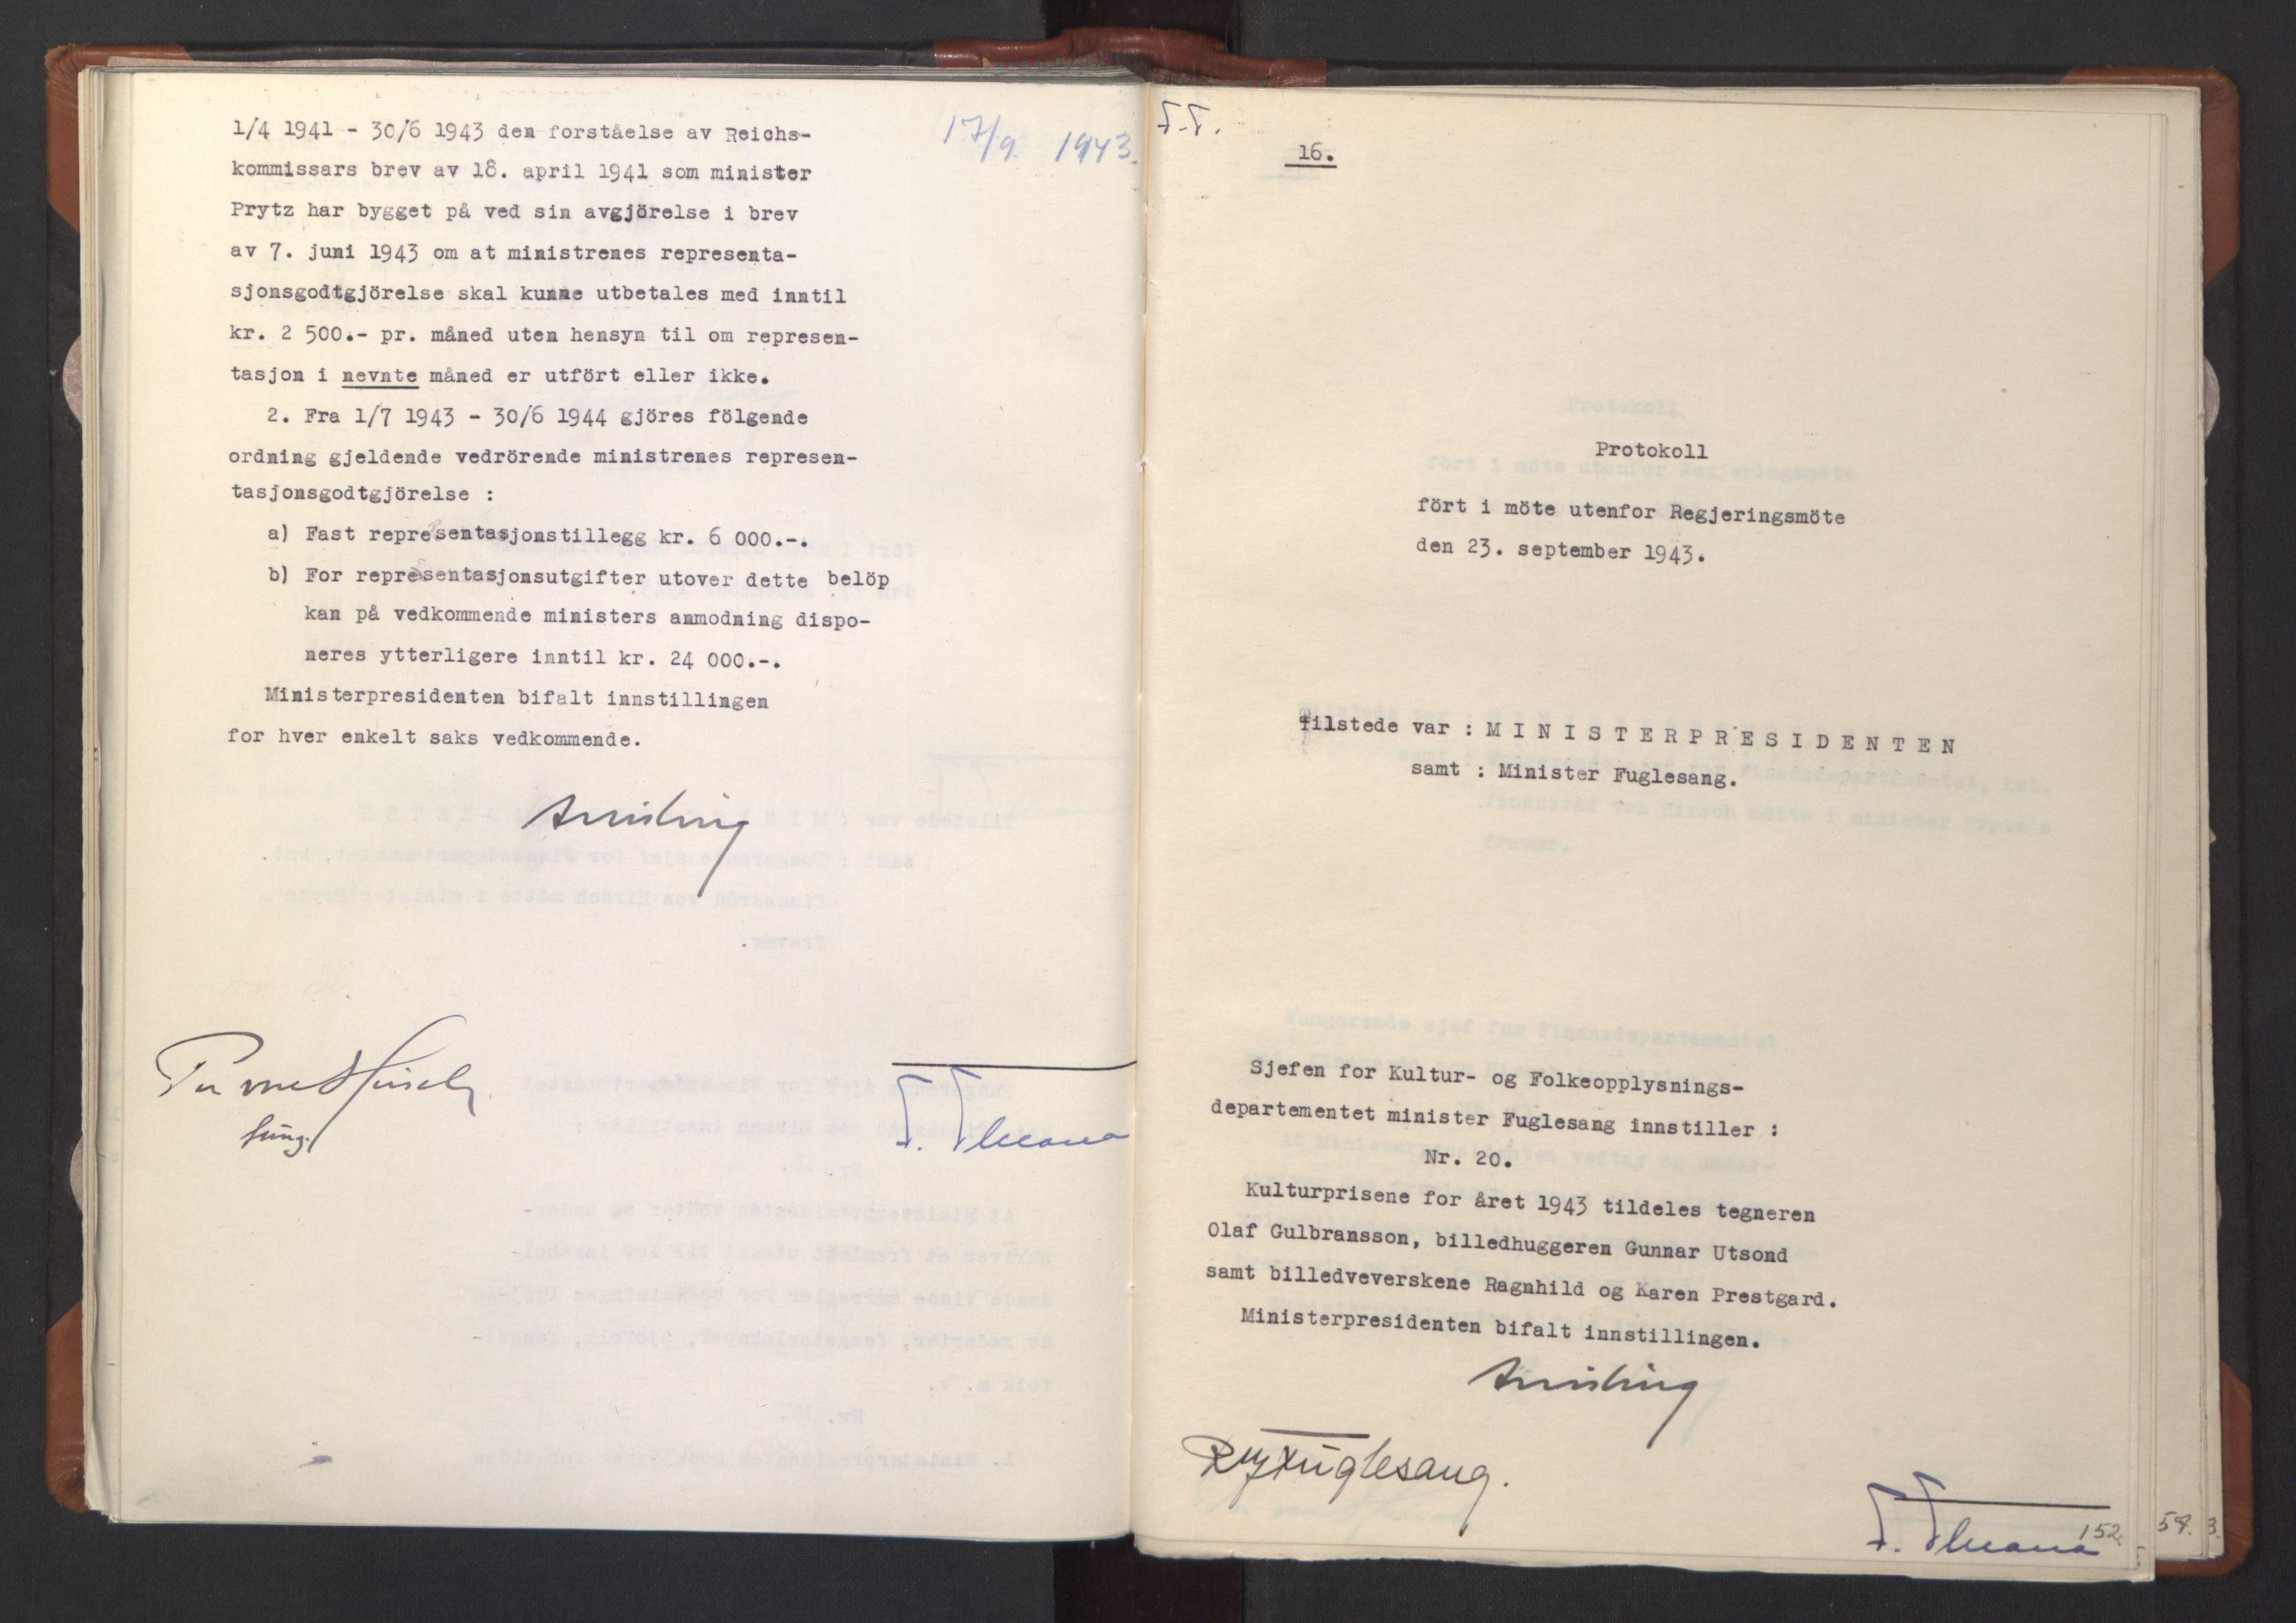 RA, NS-administrasjonen 1940-1945 (Statsrådsekretariatet, de kommisariske statsråder mm), D/Da/L0003: Vedtak (Beslutninger) nr. 1-746 og tillegg nr. 1-47 (RA. j.nr. 1394/1944, tilgangsnr. 8/1944, 1943, s. 151b-152a